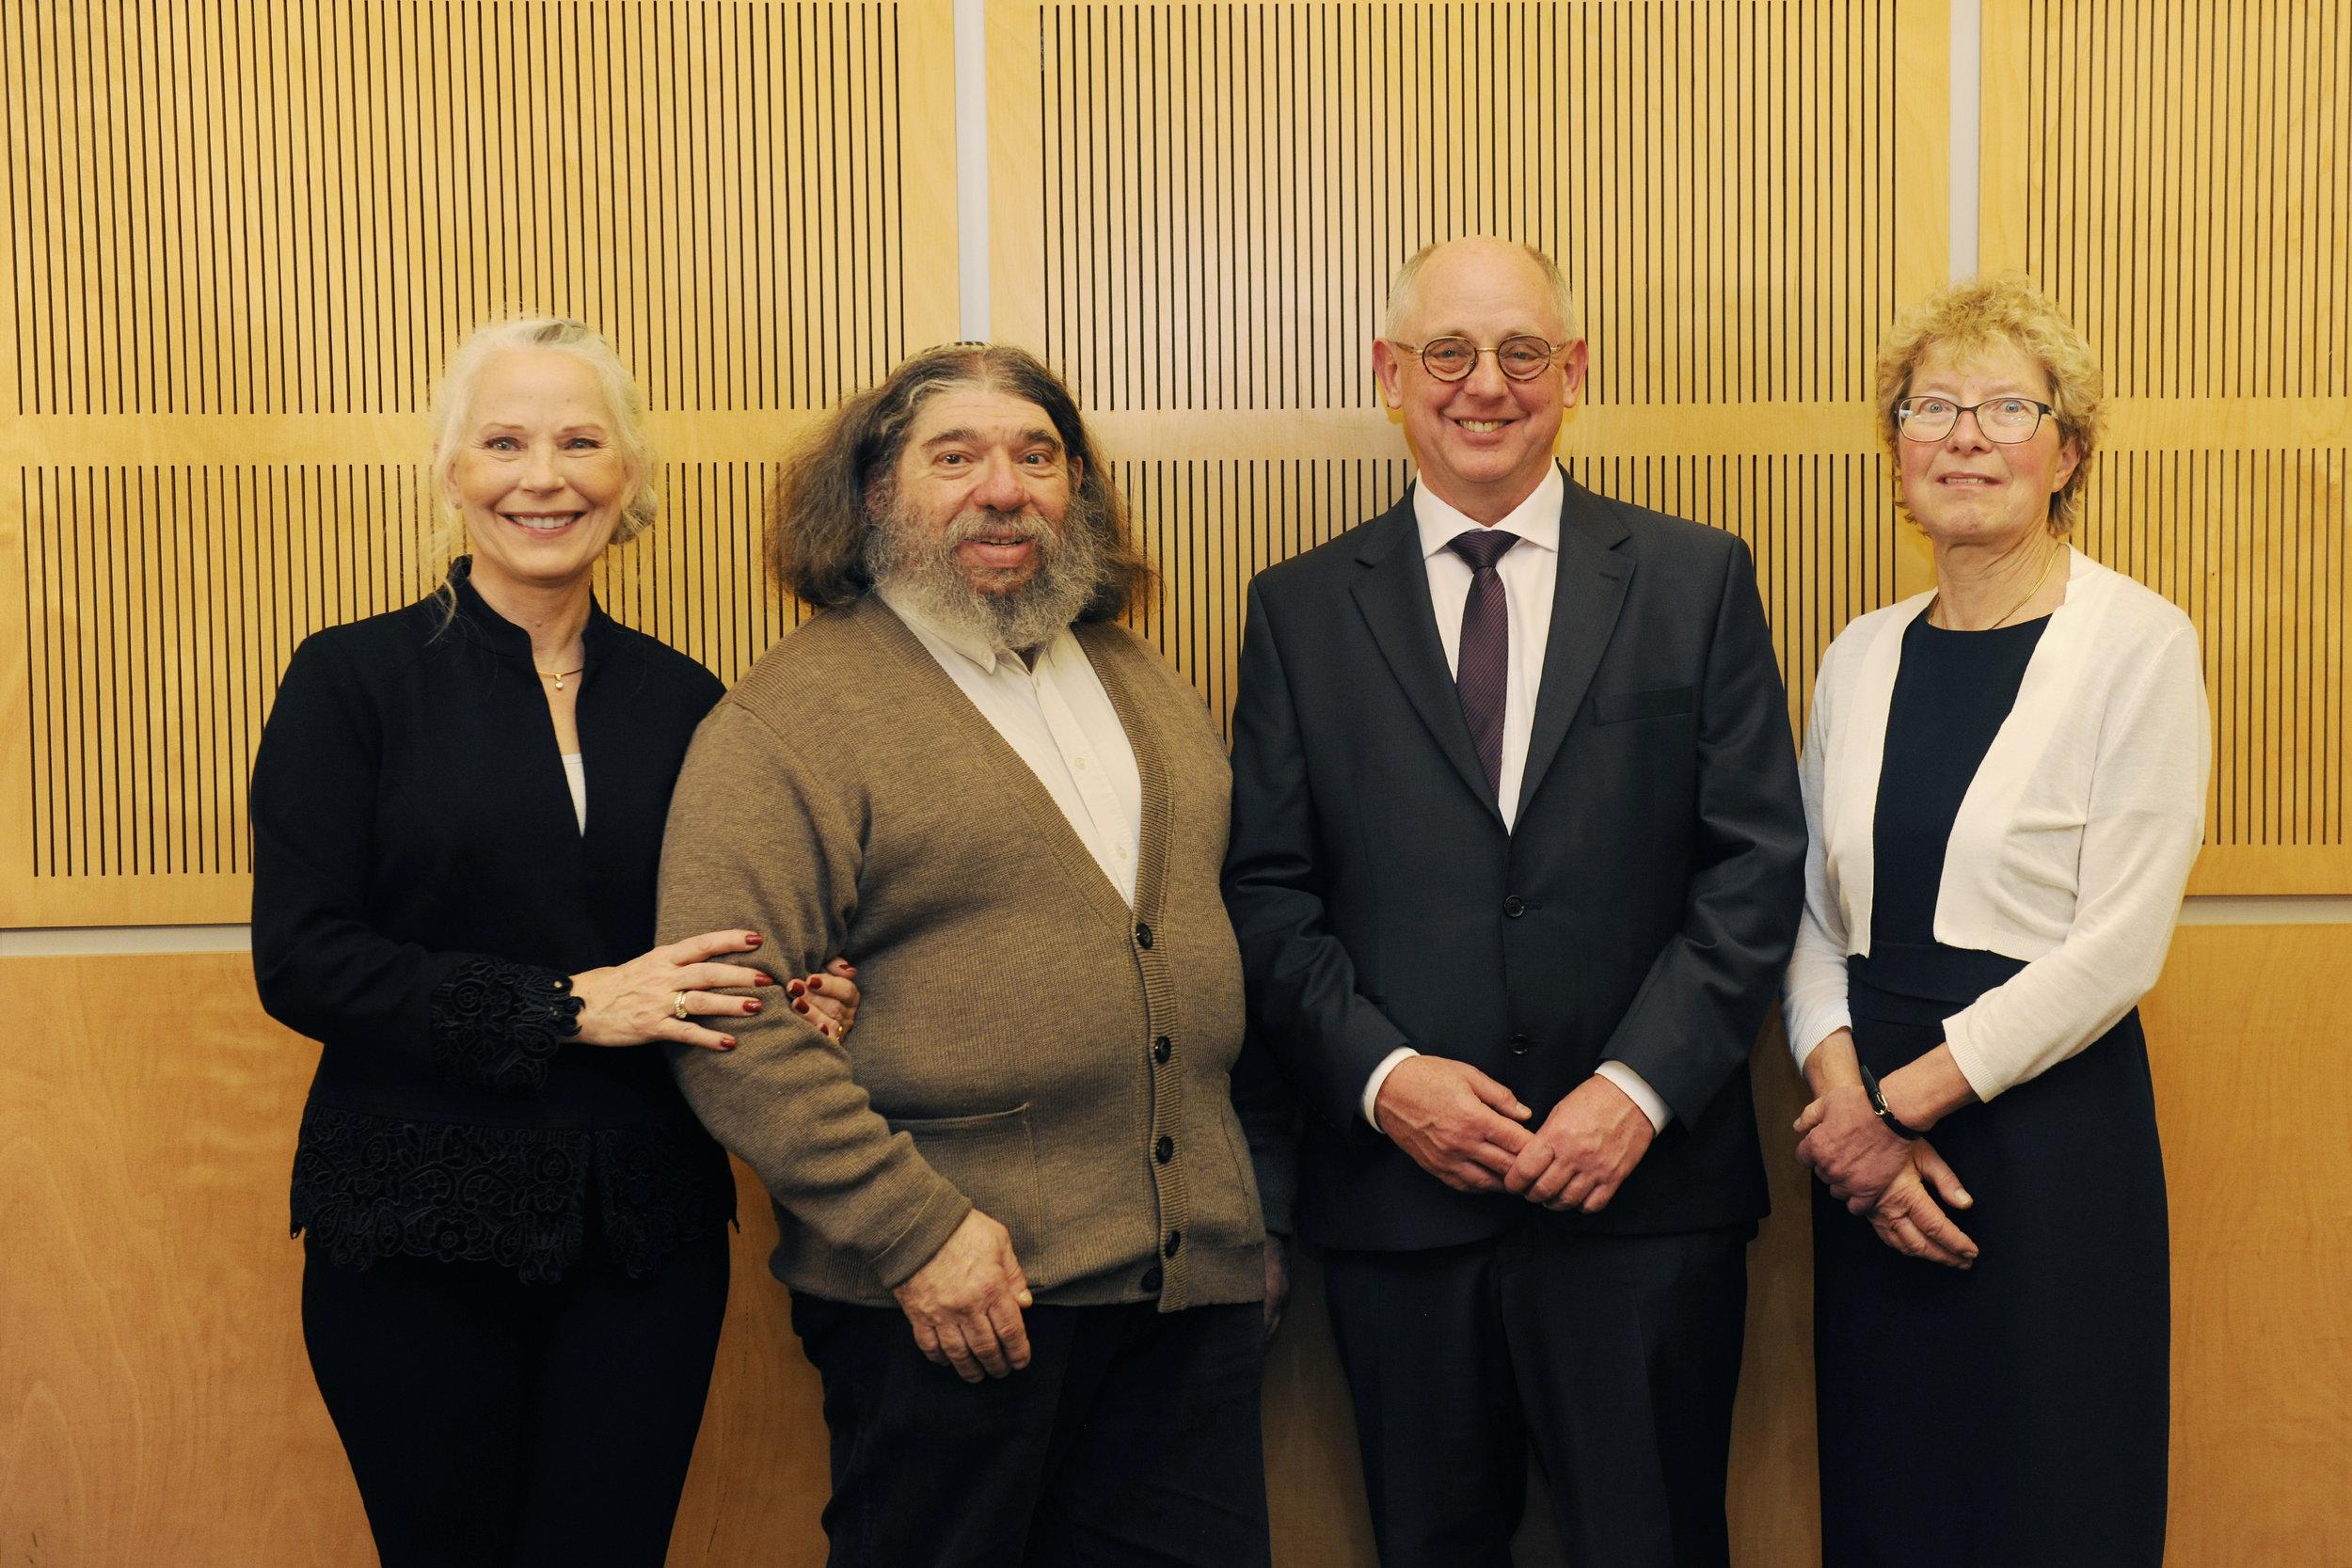 Gabriele Hannah, Hans-Dieter and Martina Graf with friend Howard Kahn